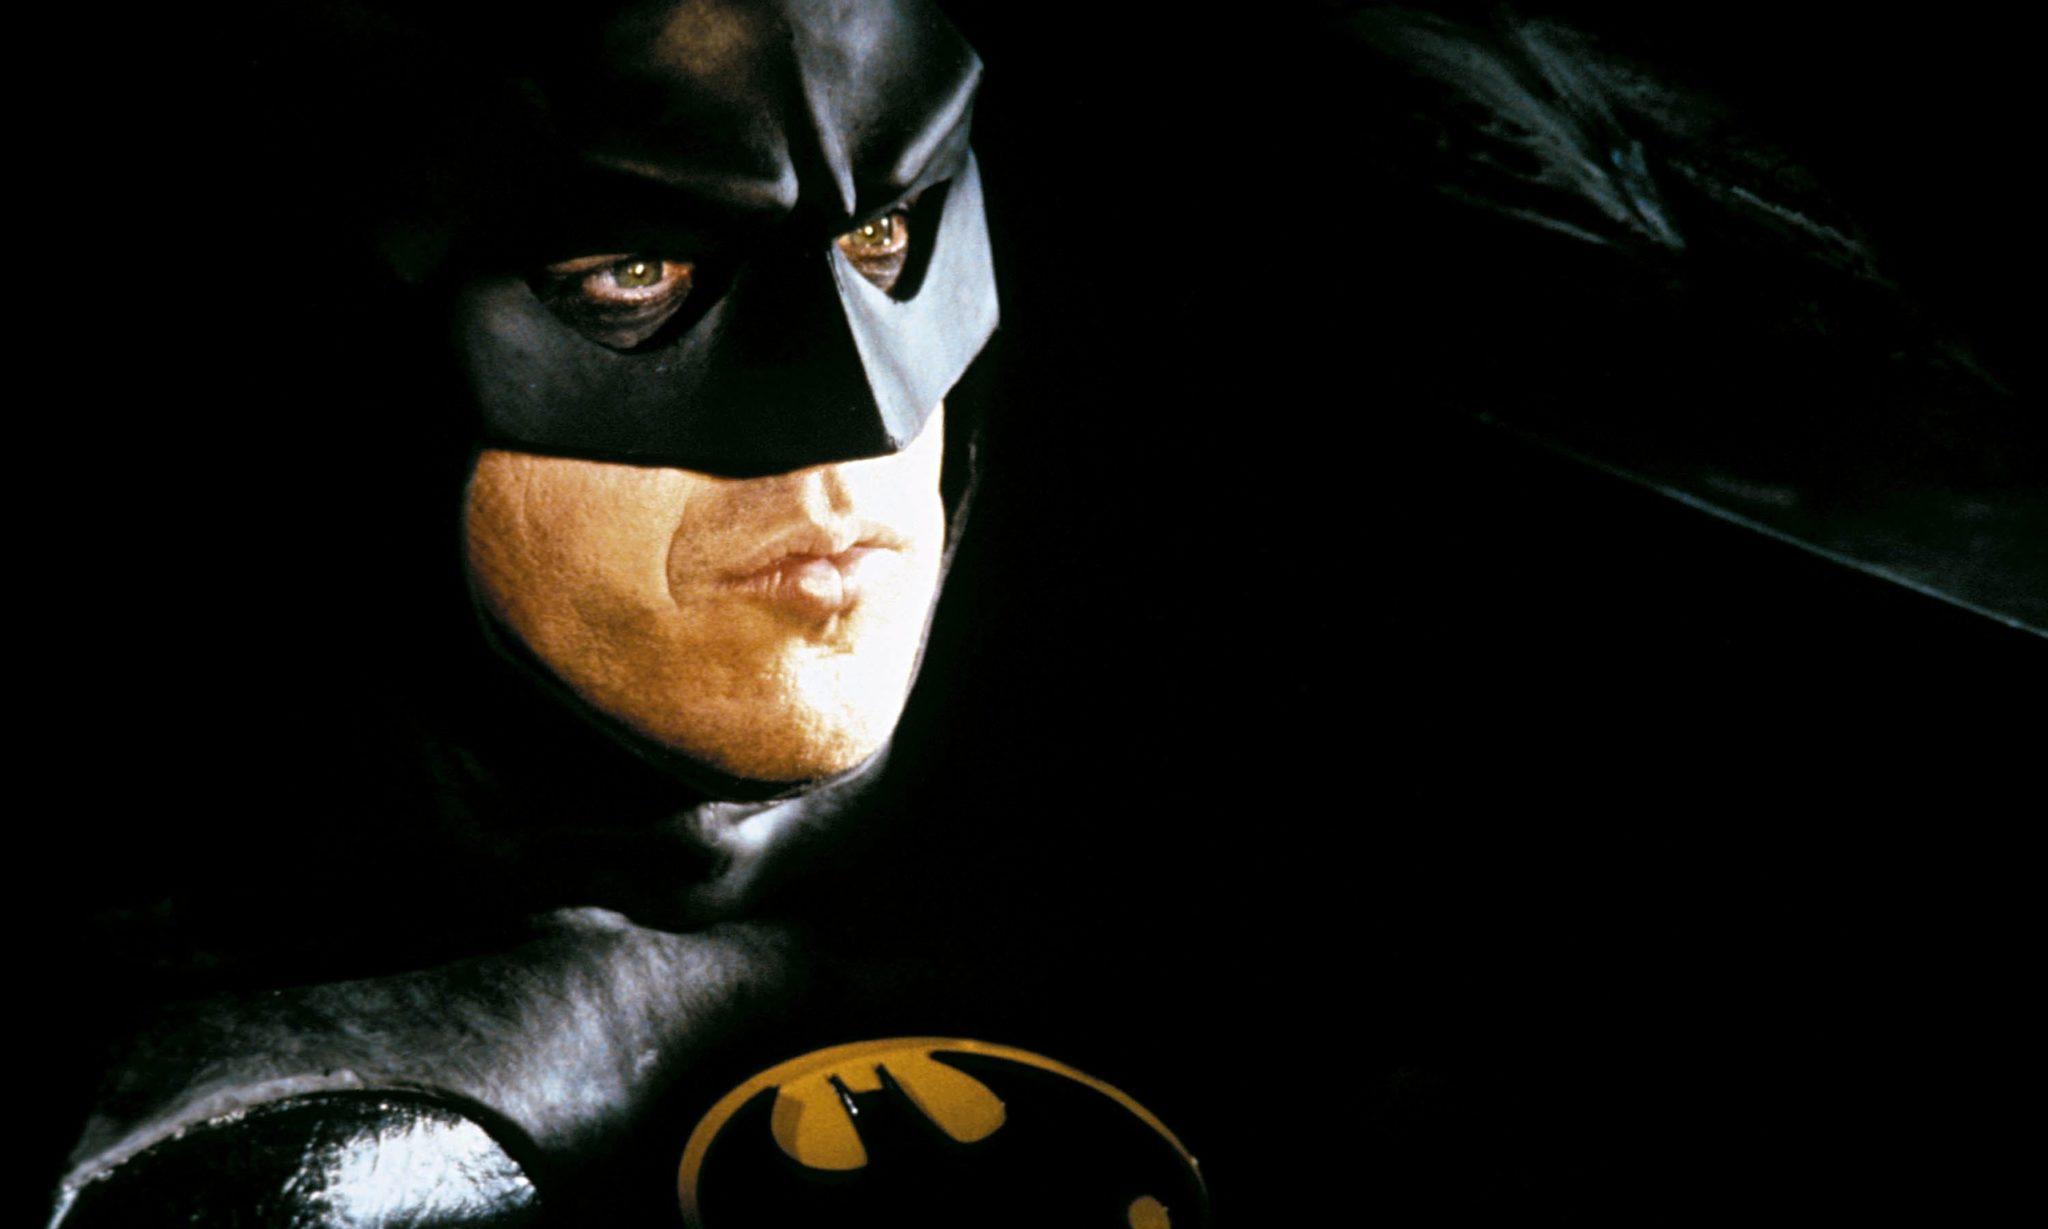 Acompanhe a evolução do Batman no cinema